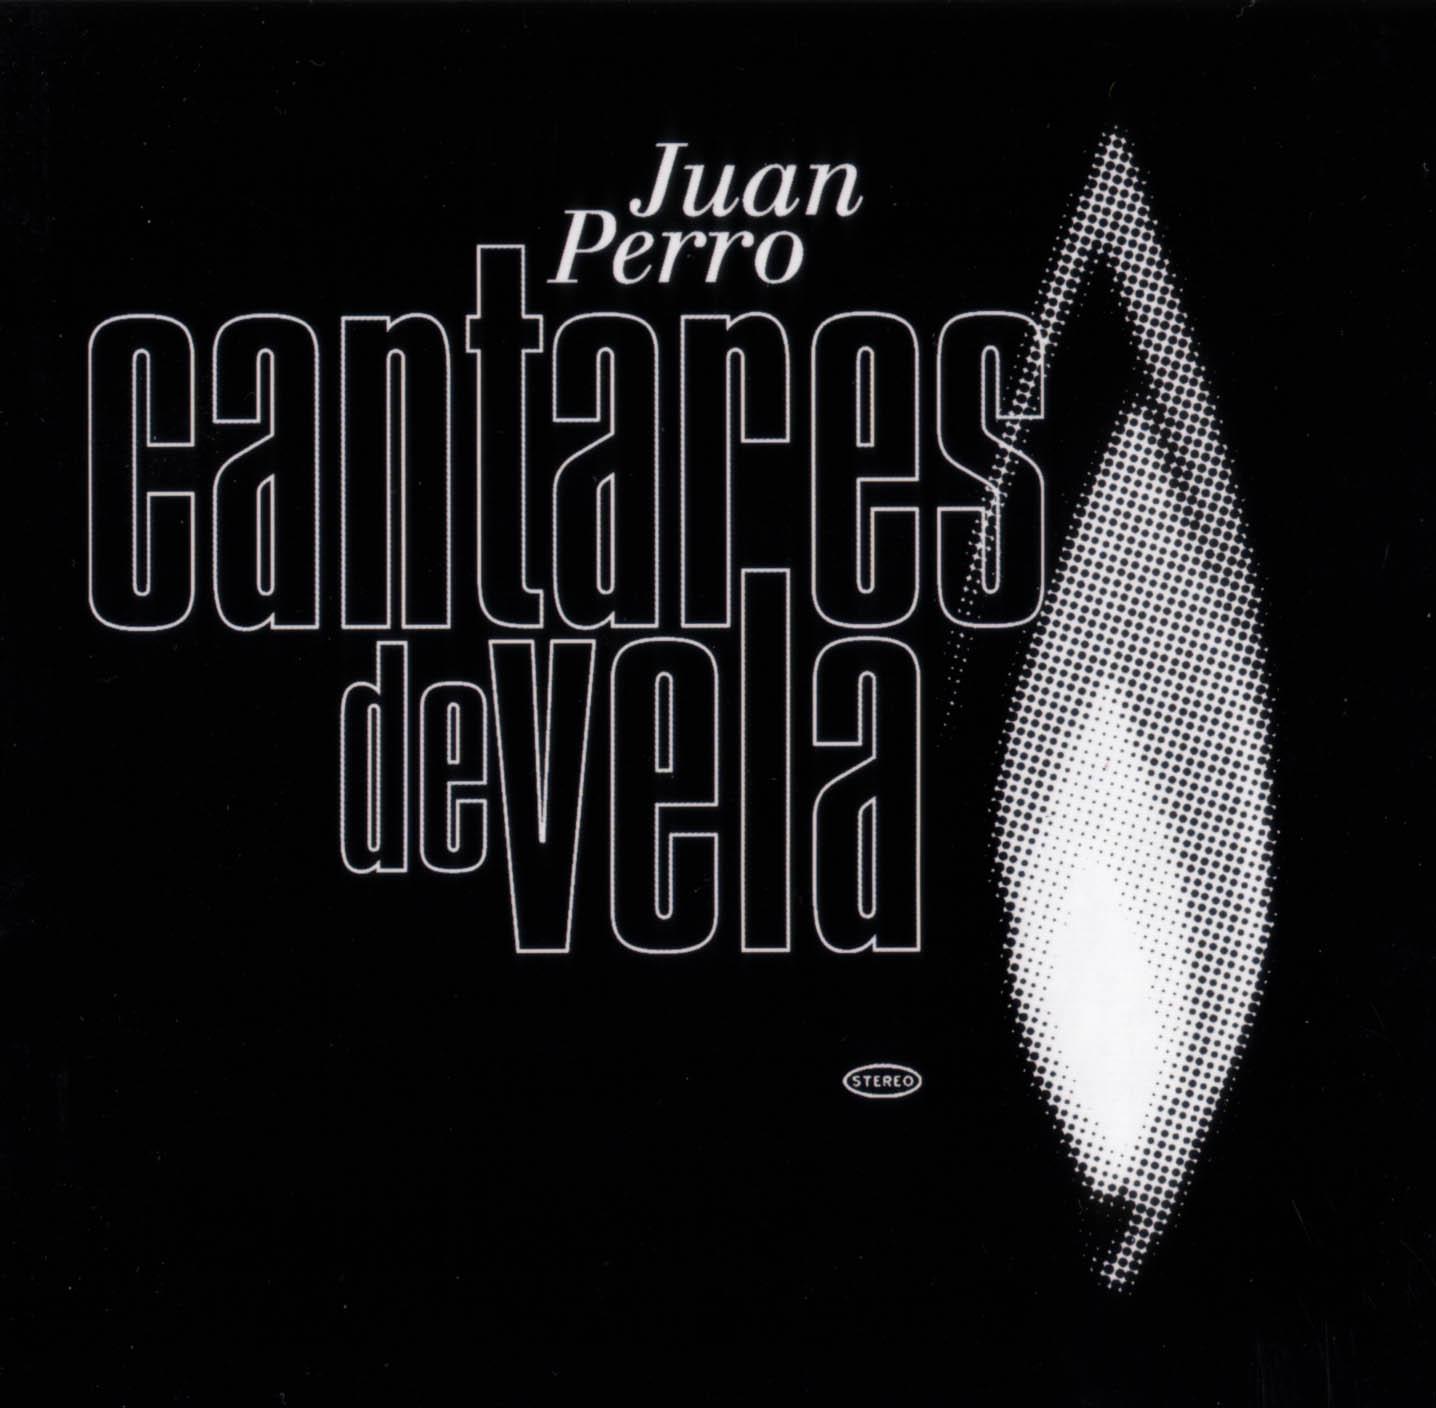 portada del album Cantares de Vela